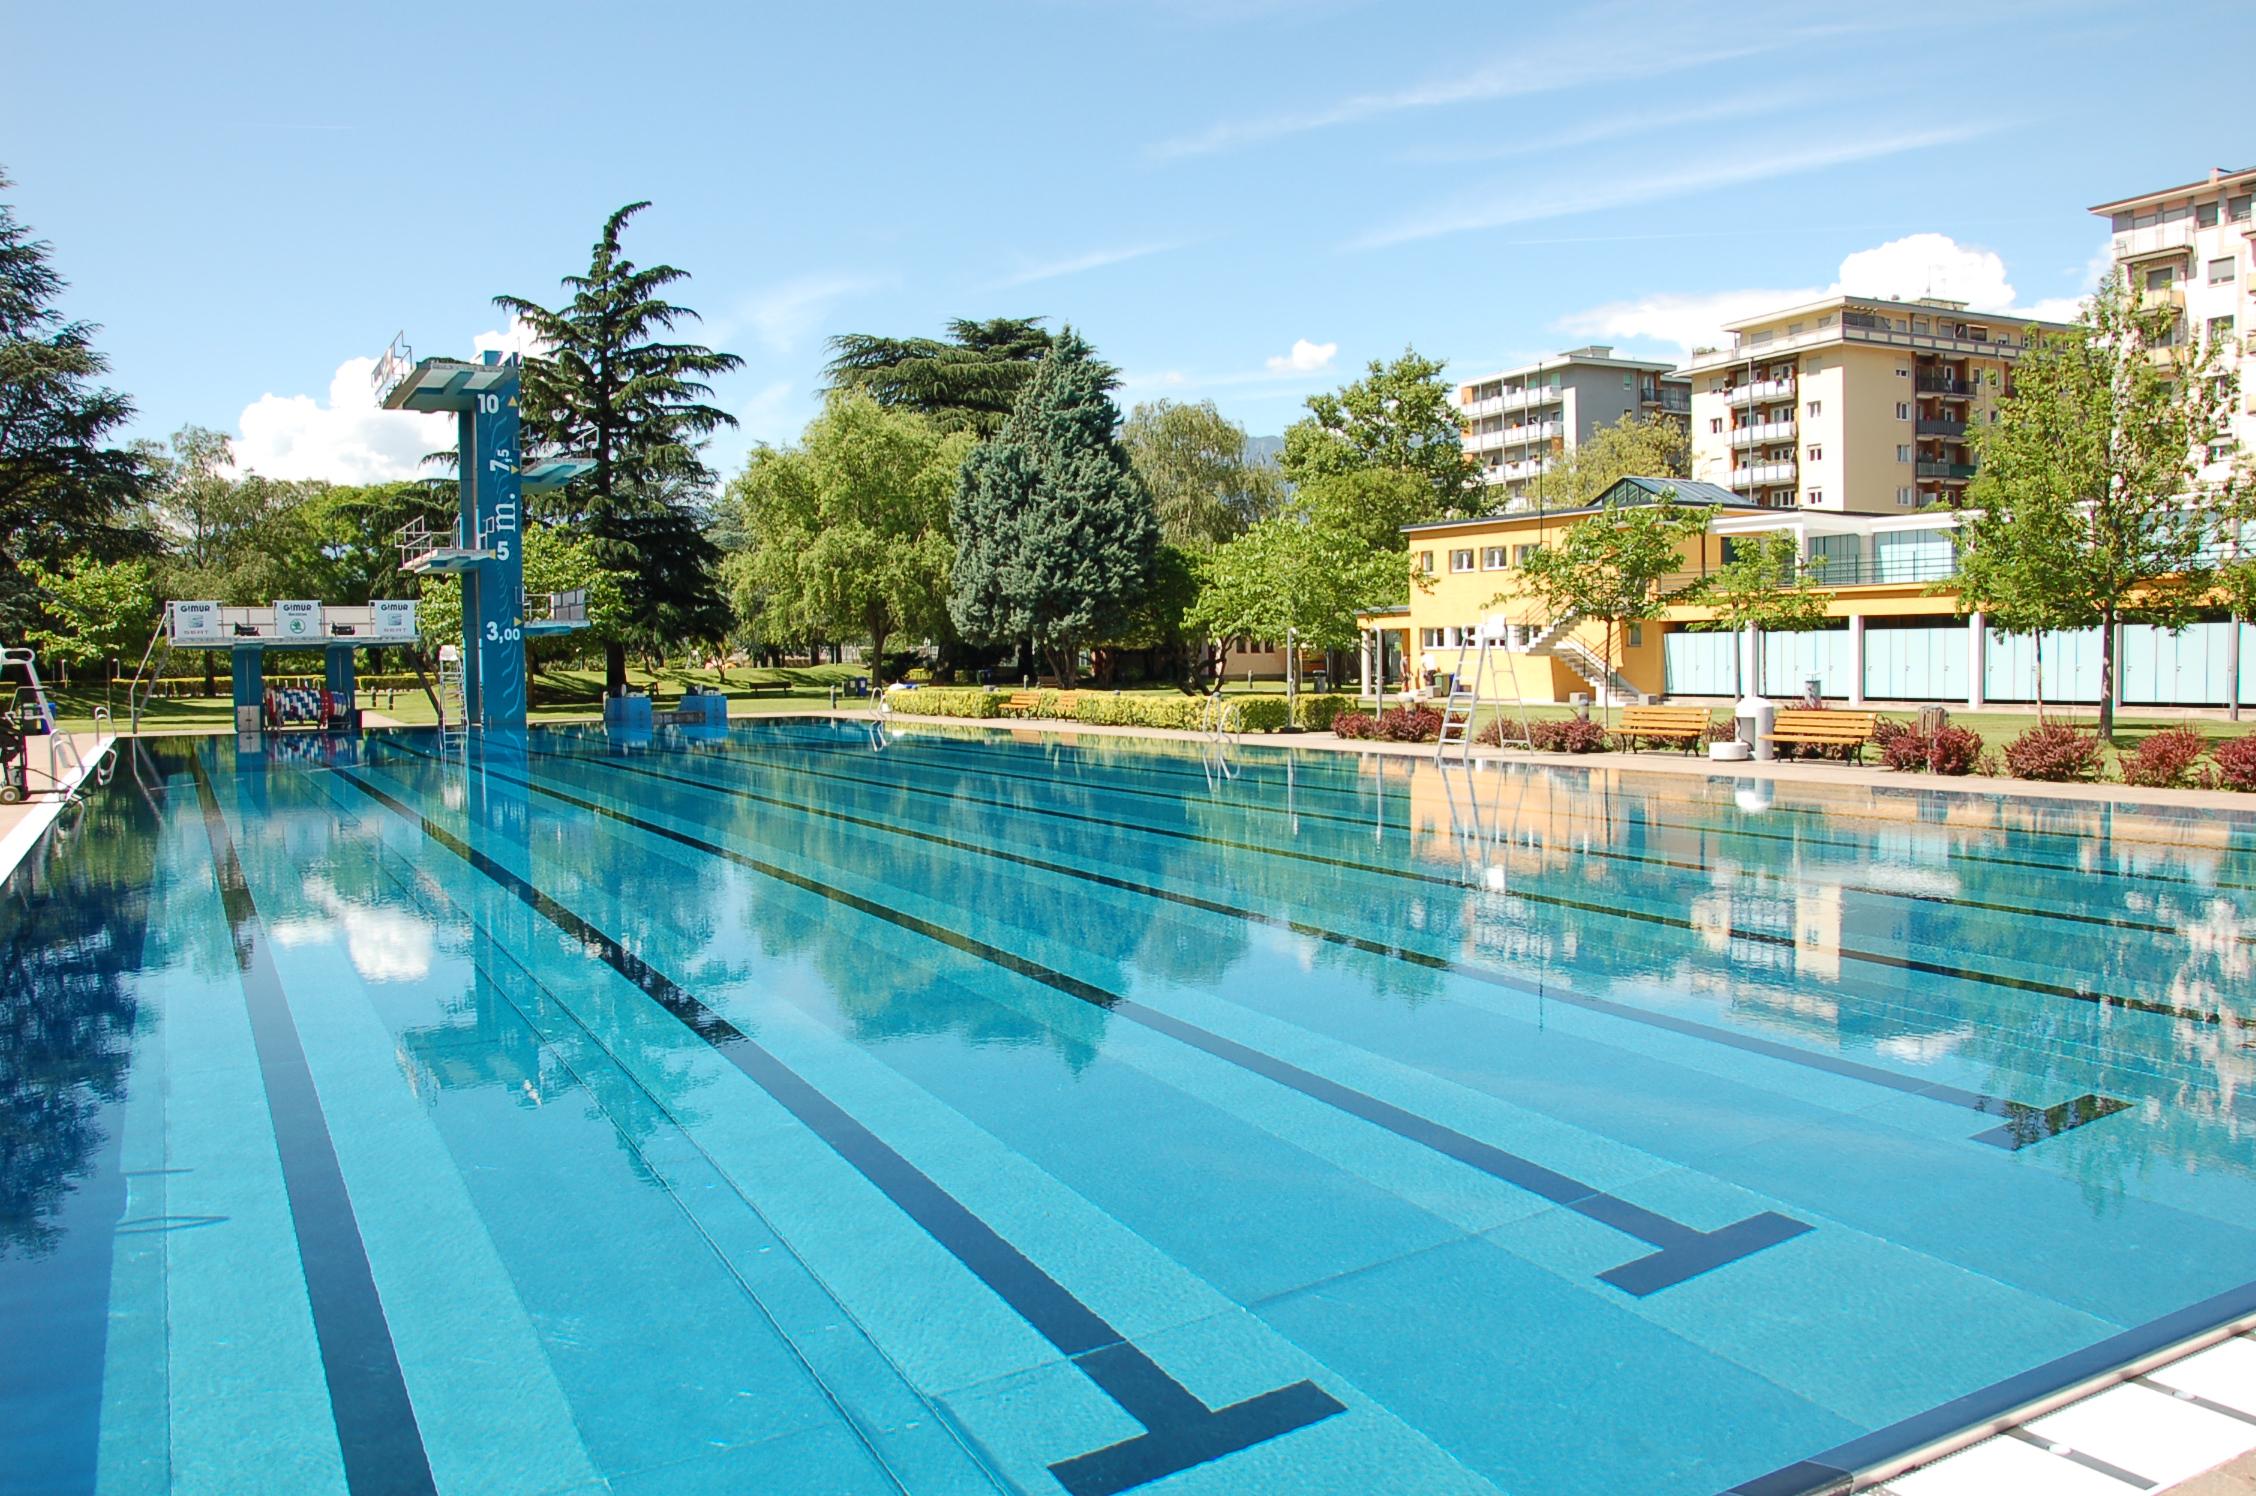 Lido di bolzano sabato19 maggio si parte orari e costi - Orari e prezzi piscina di gorgonzola ...